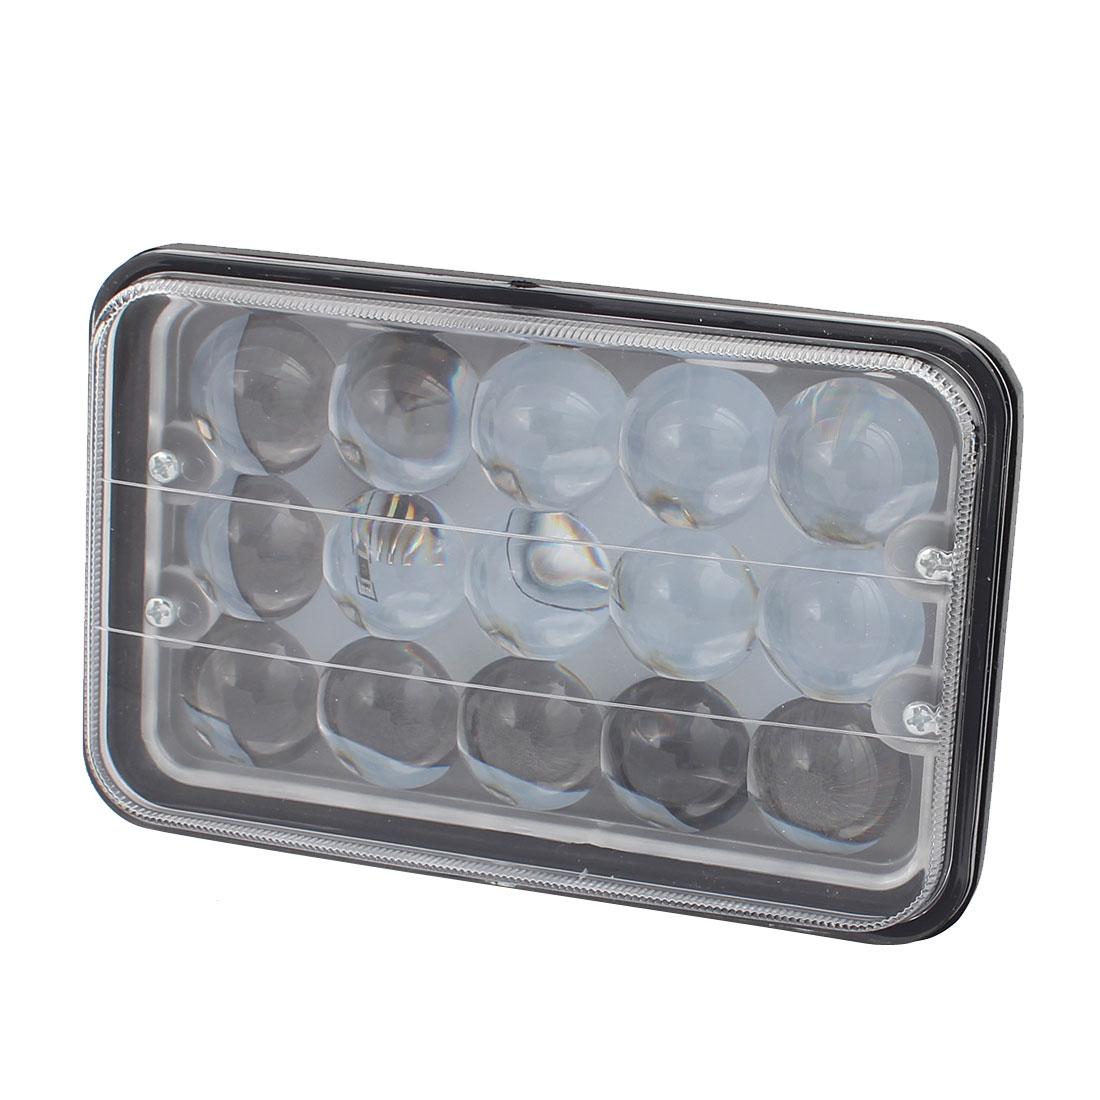 45W DC 9V-30V 15 LED Bulb Spotlight Working Lamp for Truck Car Hotel Hall